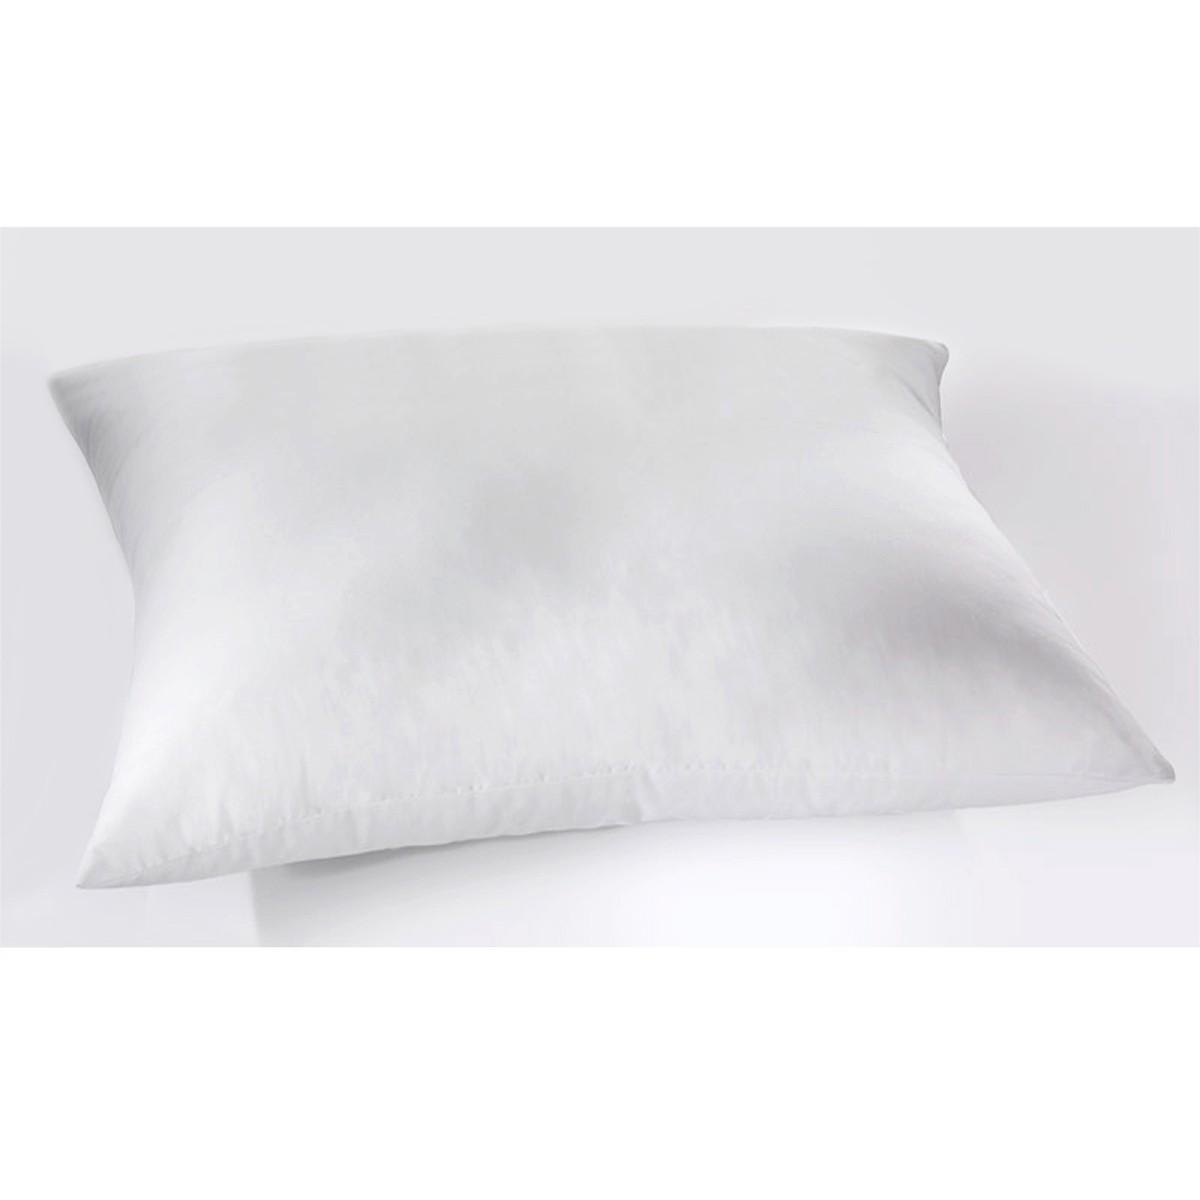 Μαξιλάρι Ύπνου (50×70) Σκληρό 100%Microfiber 800gr/m2